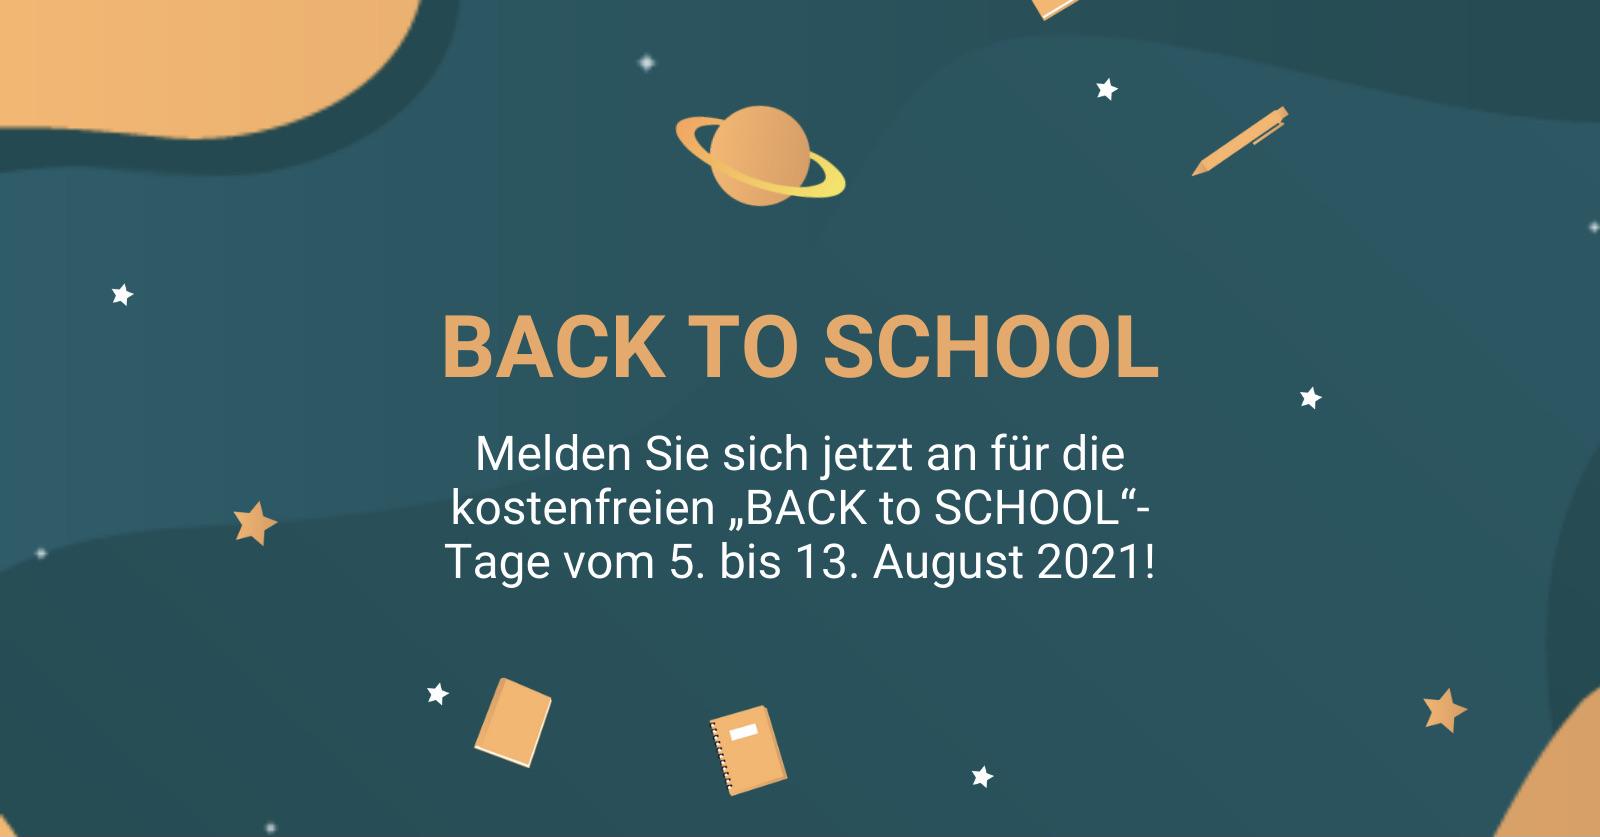 """Melden Sie sich jetzt an für die kostenfreien """"BACK to SCHOOL""""- Tage vom 5. bis 13. August 2021!"""